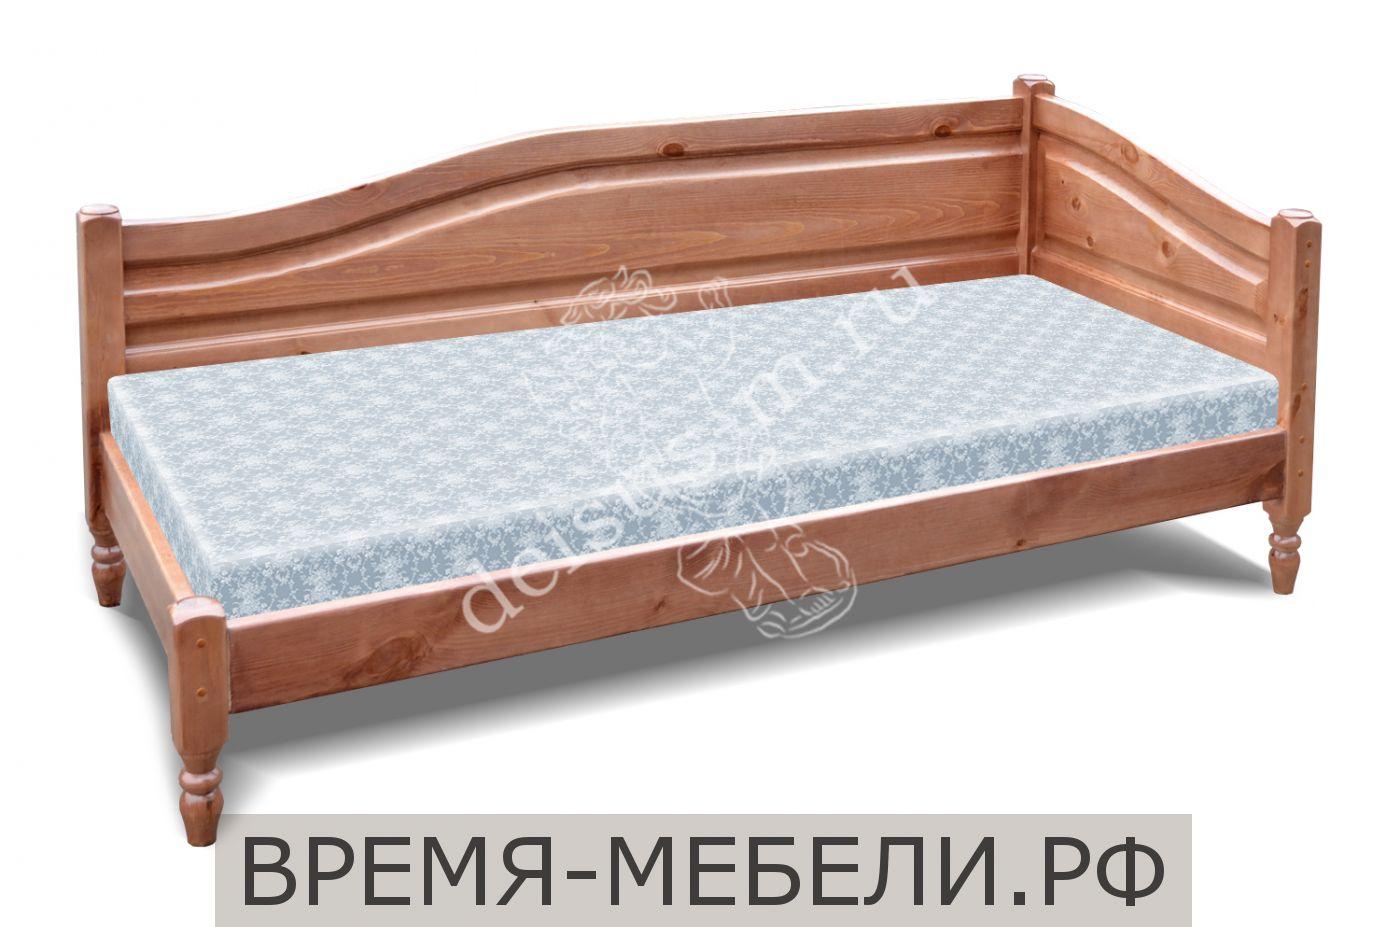 Кровать Угловая-М 2 спинки